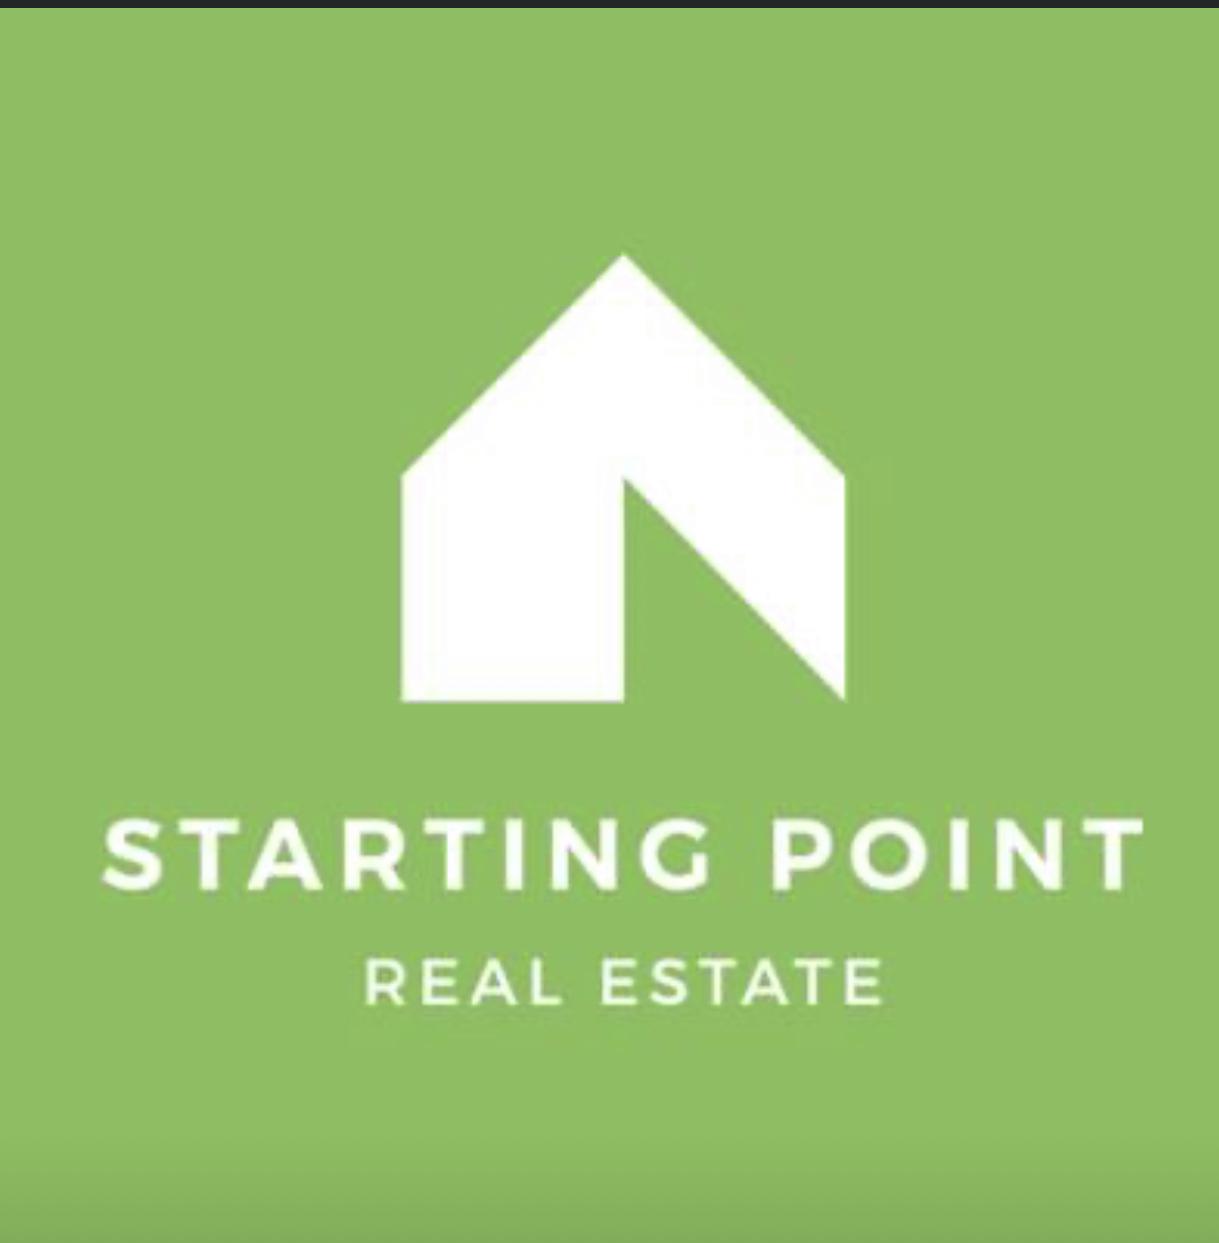 Starting Point Real Estate logo